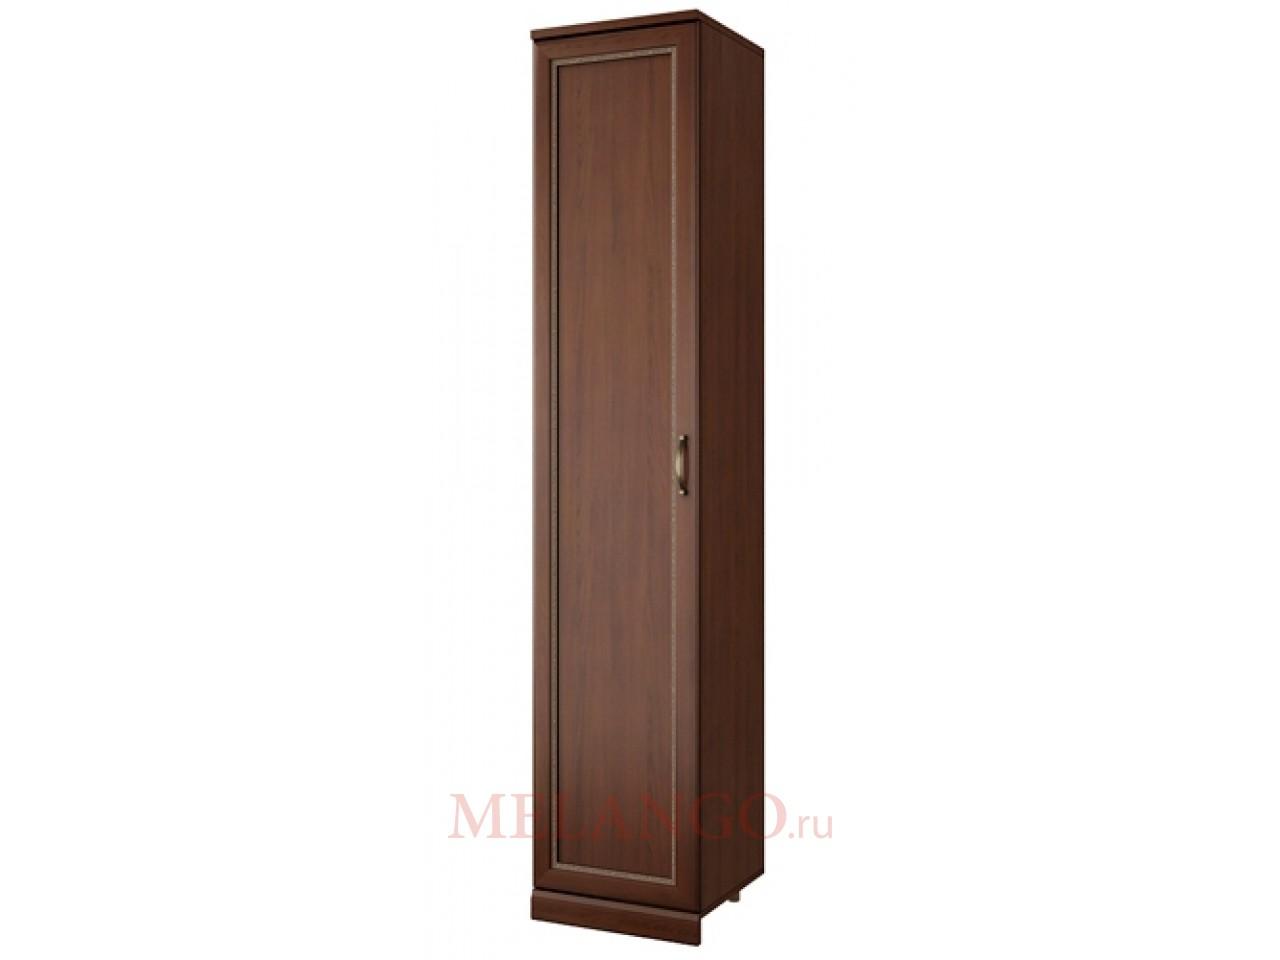 Одностворчатый шкаф Луара ЛУ-214.01